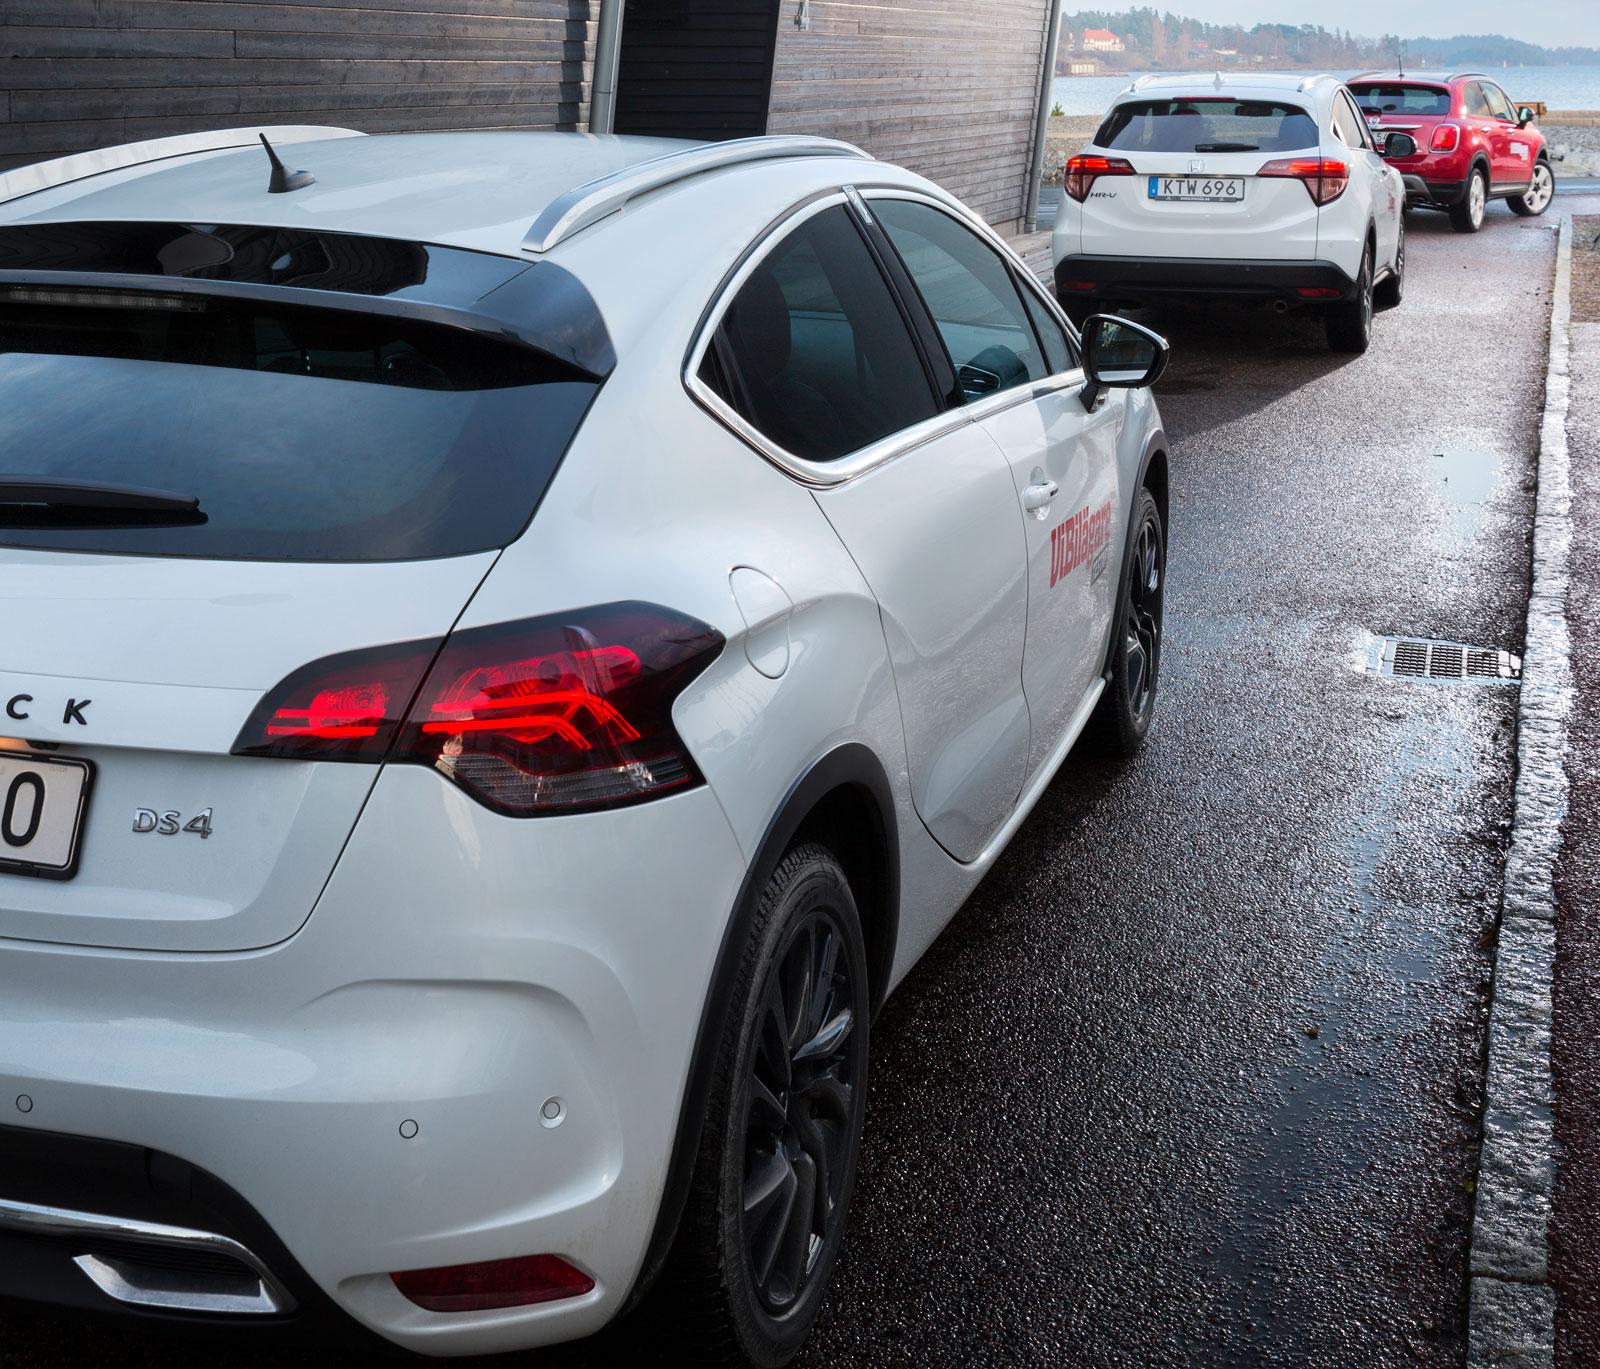 DS 4 Crossback och Honda HR-V påminner om varandra, Fiat 500X är alldeles egen i formerna.